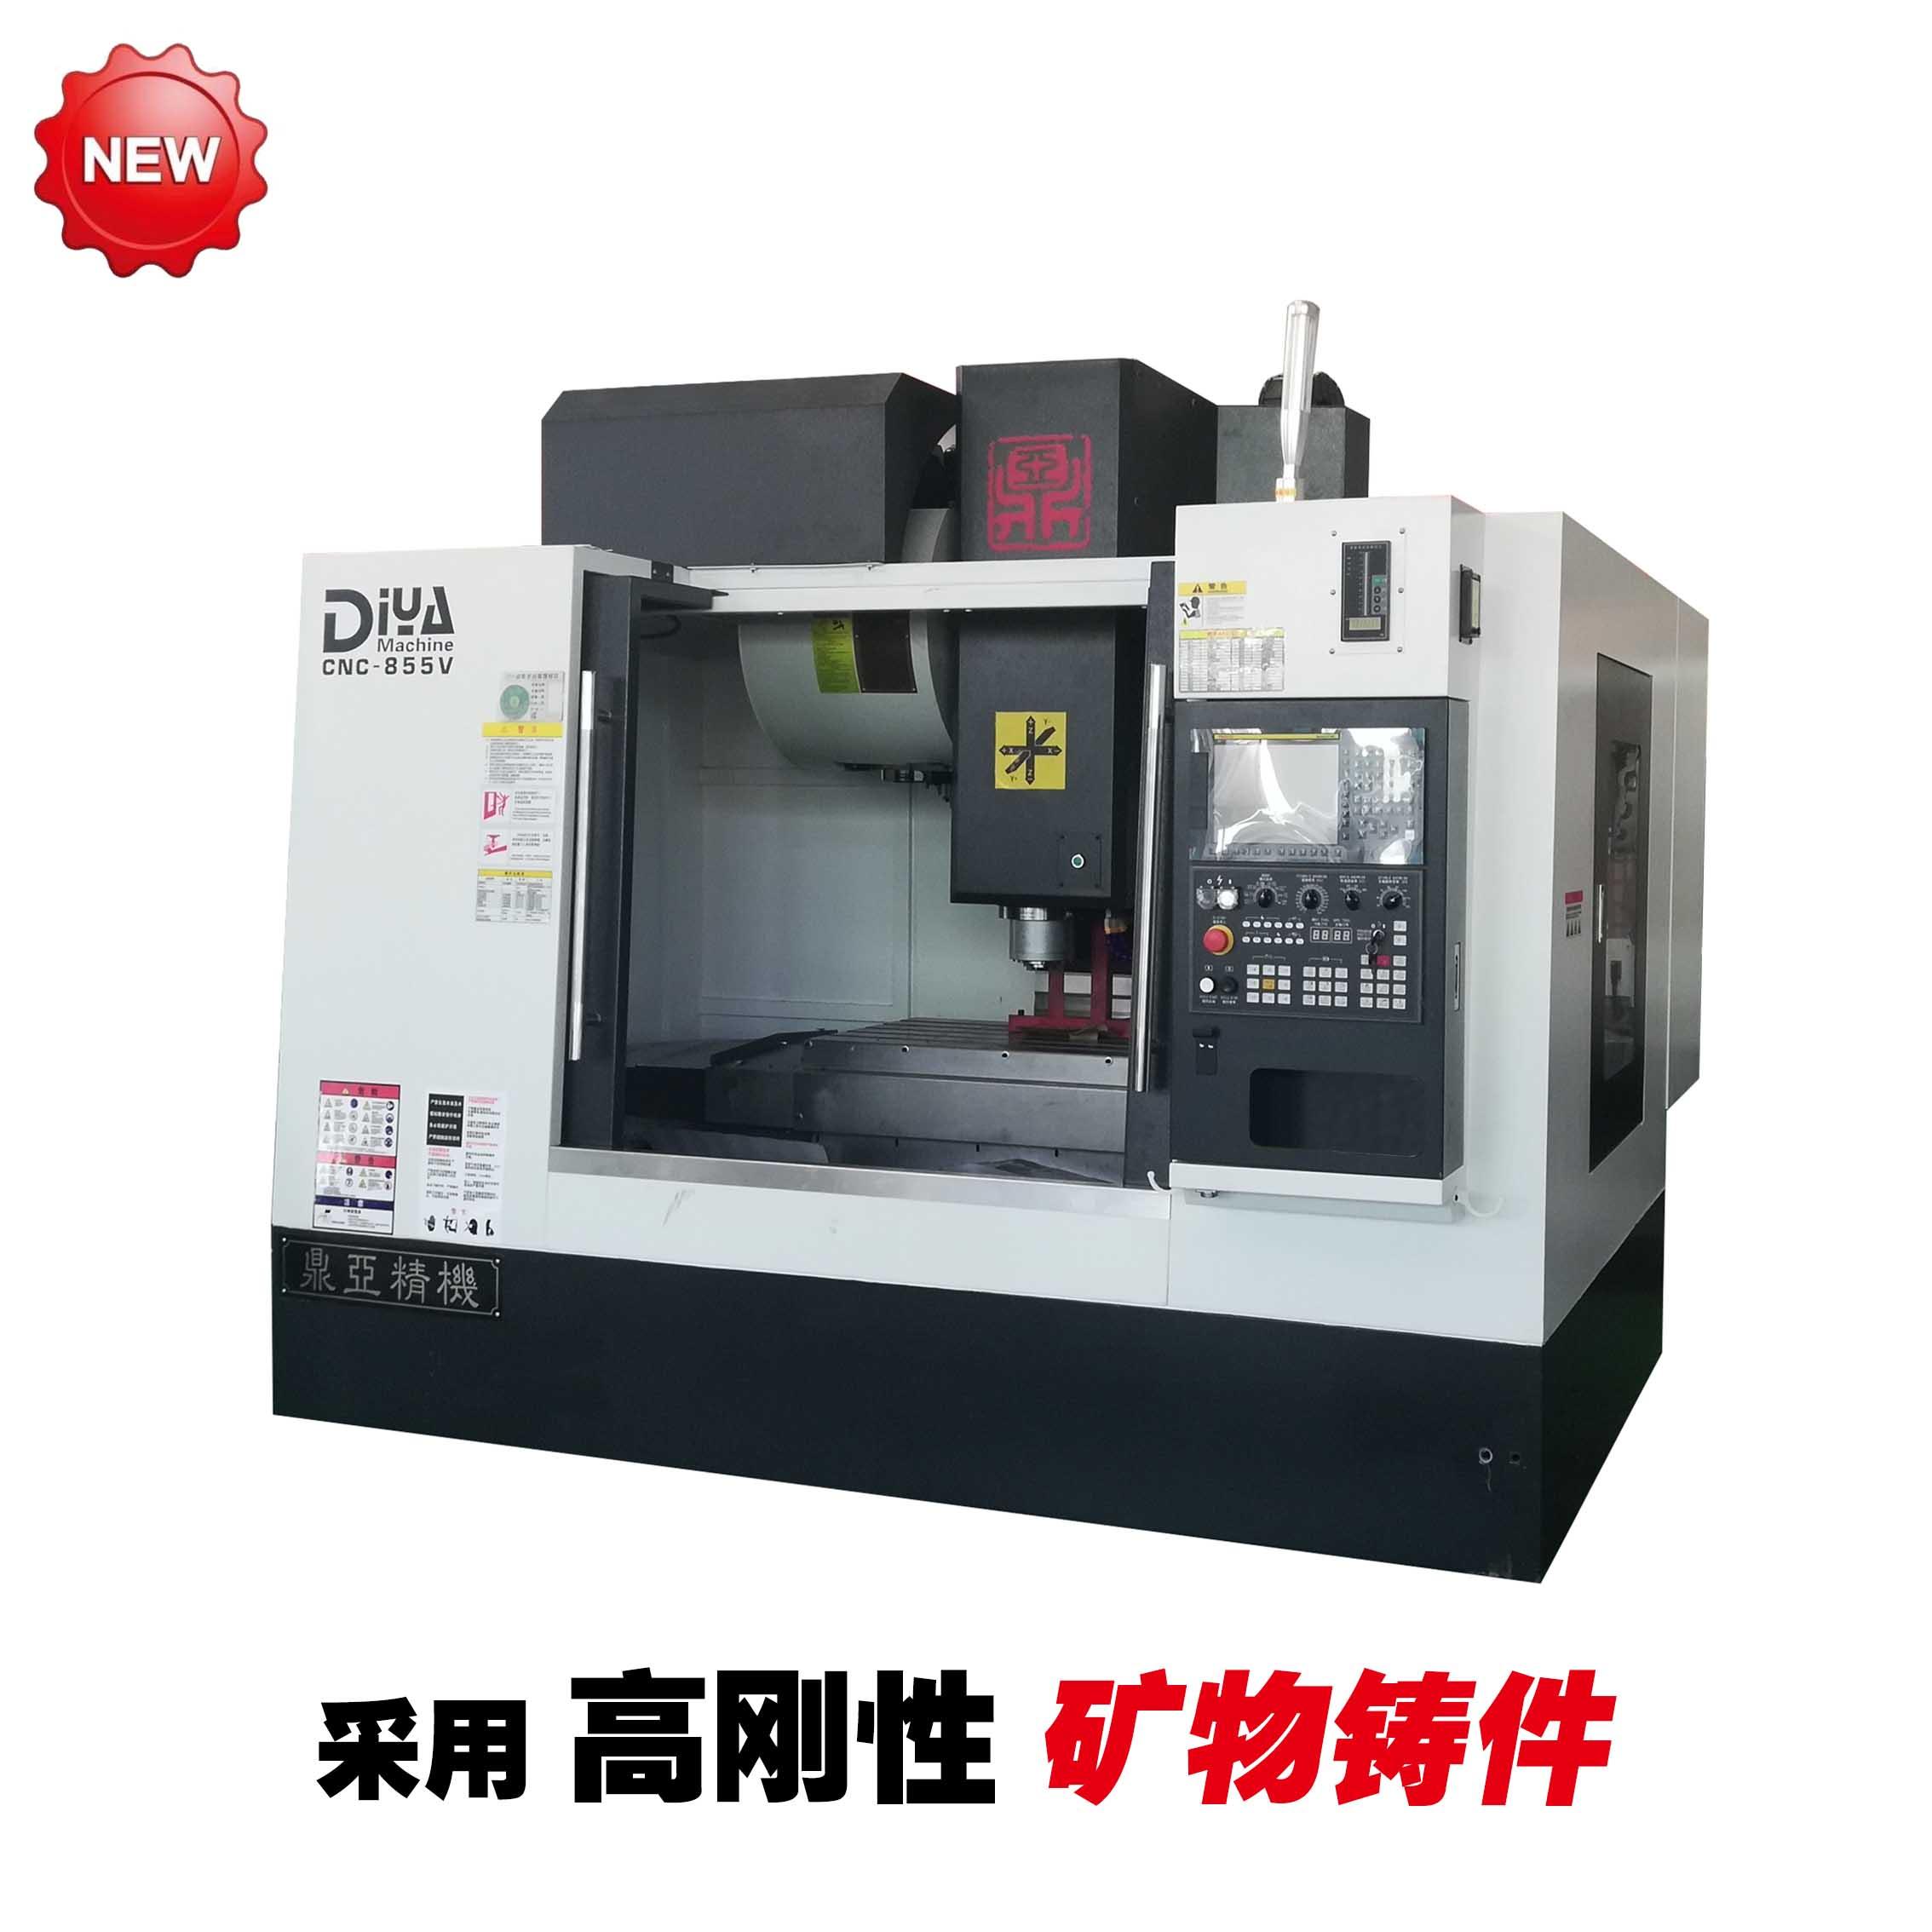 <b>CNC855V立式加工中心(矿物铸件)</b>